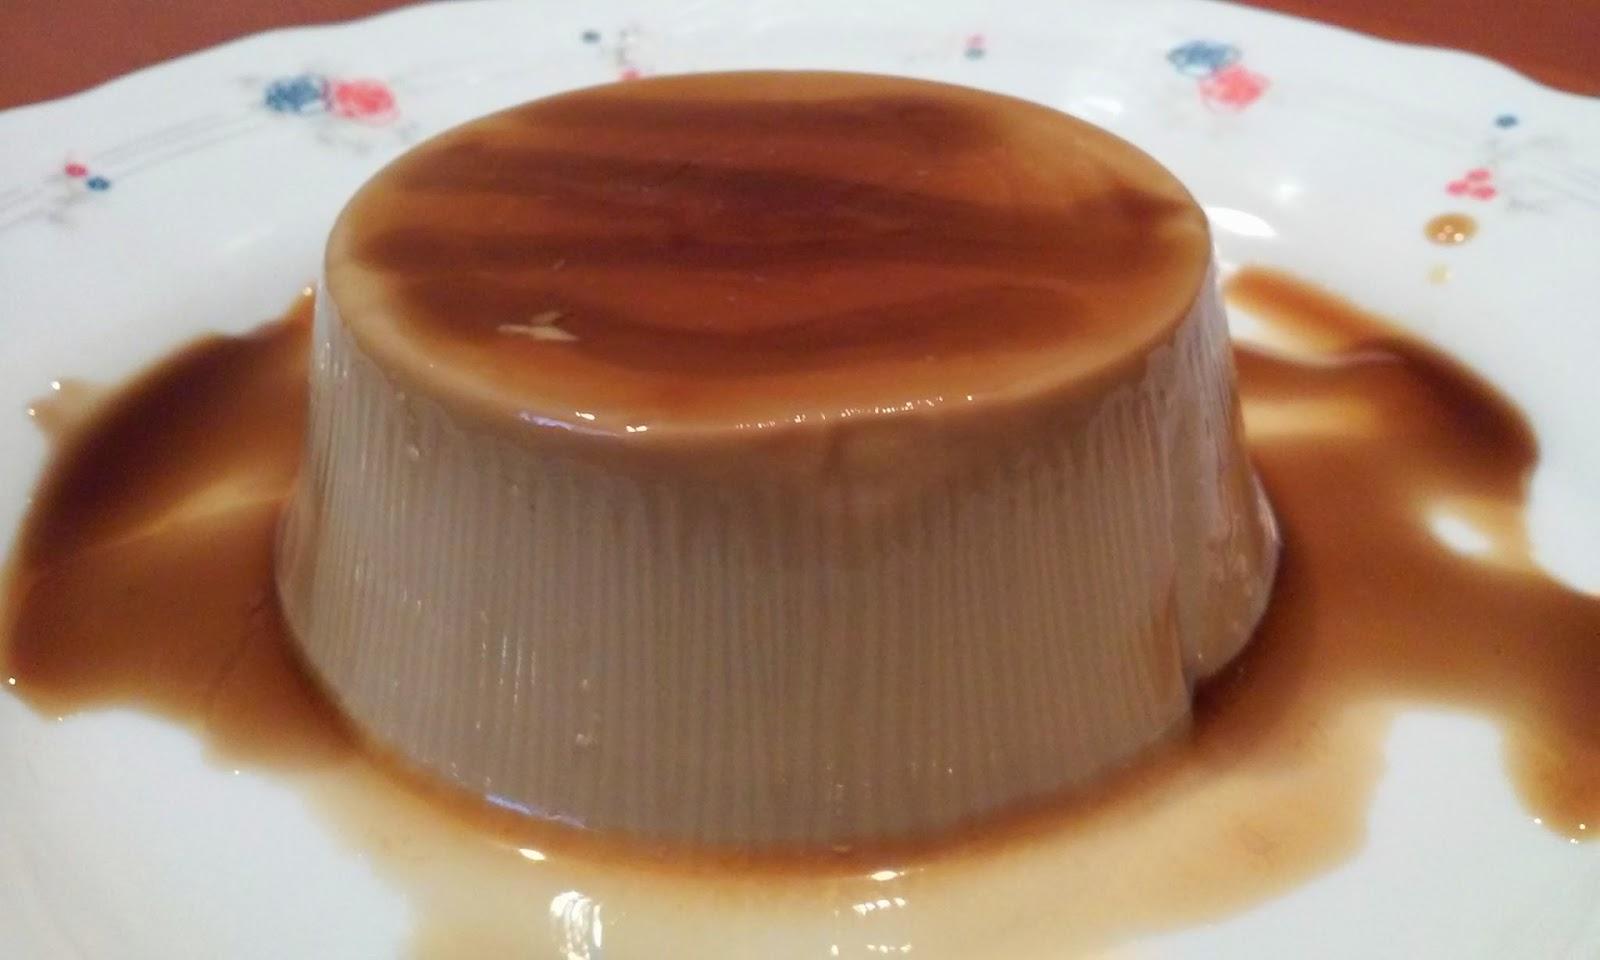 Receta flan de cafe con nata